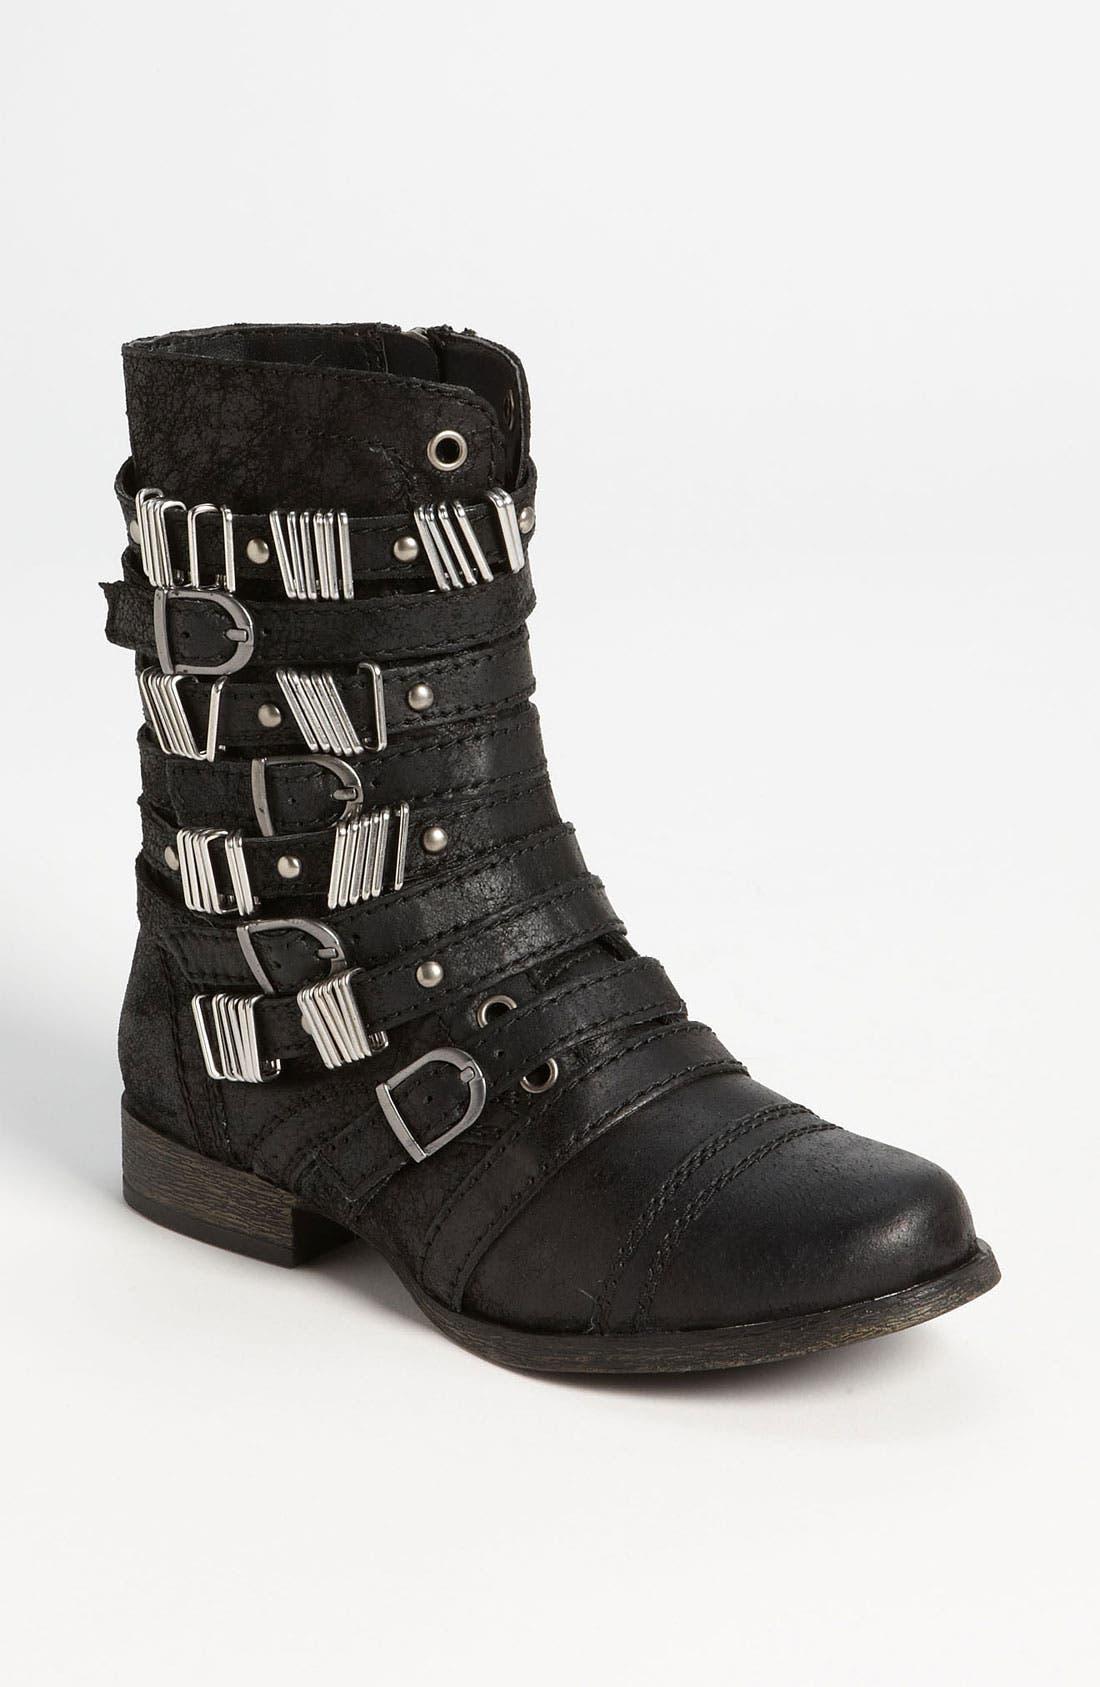 Main Image - Steve Madden 'Tyrantt Buckles' Boot